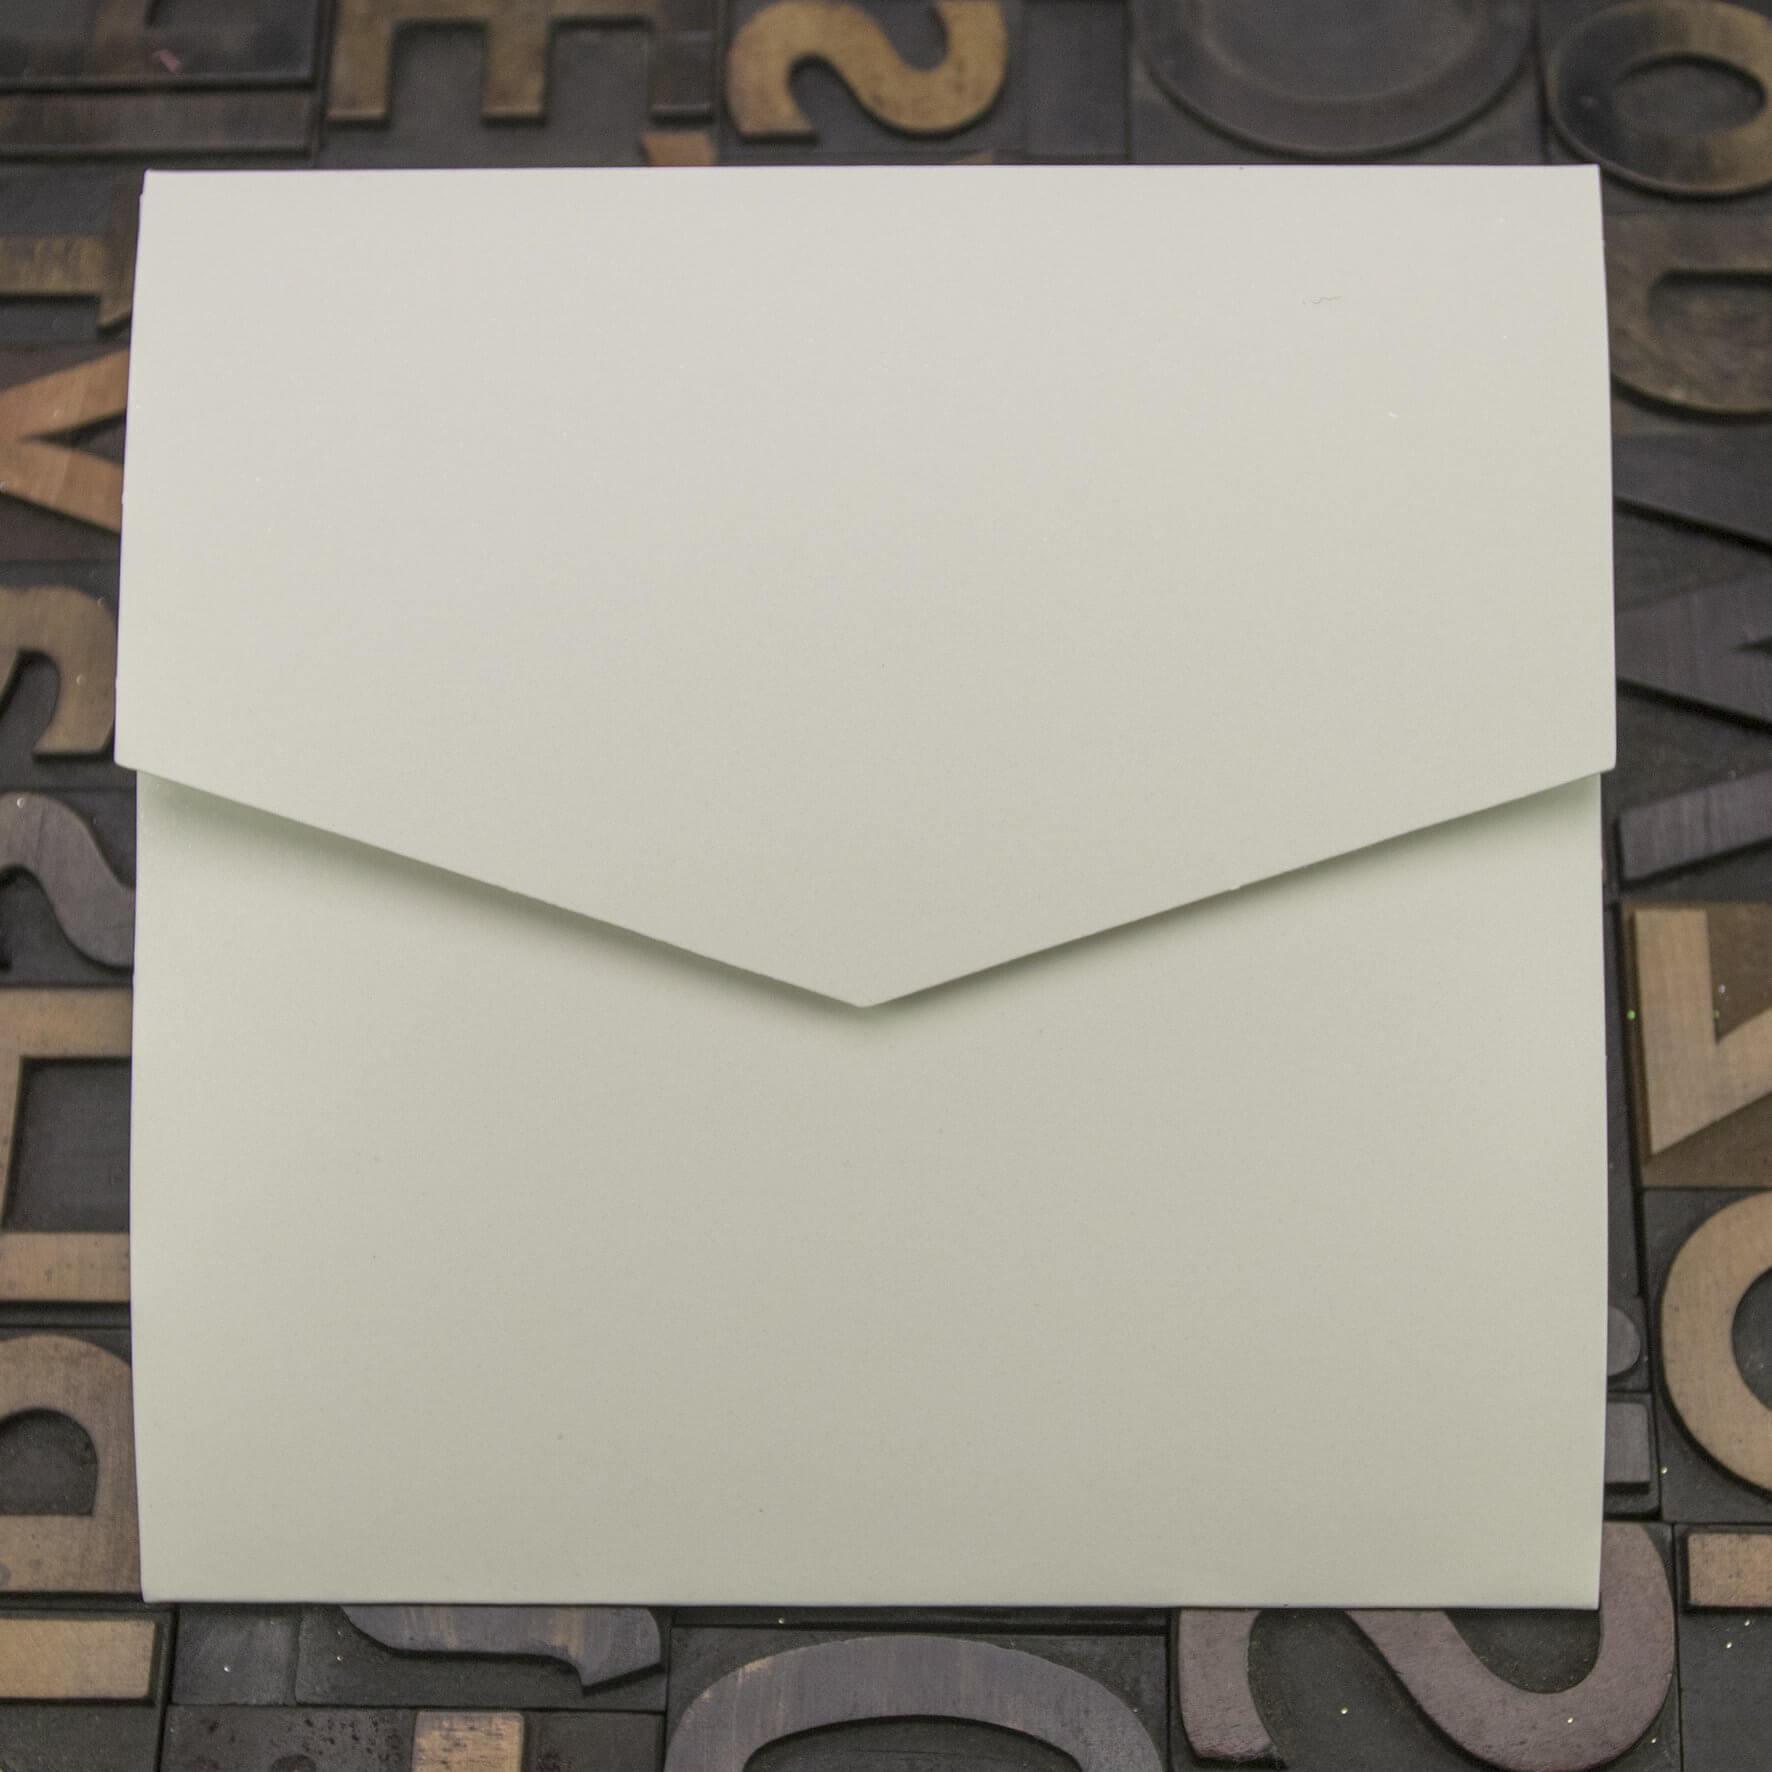 Enfolio Pocketfold Large Square - Ivory Sparkle